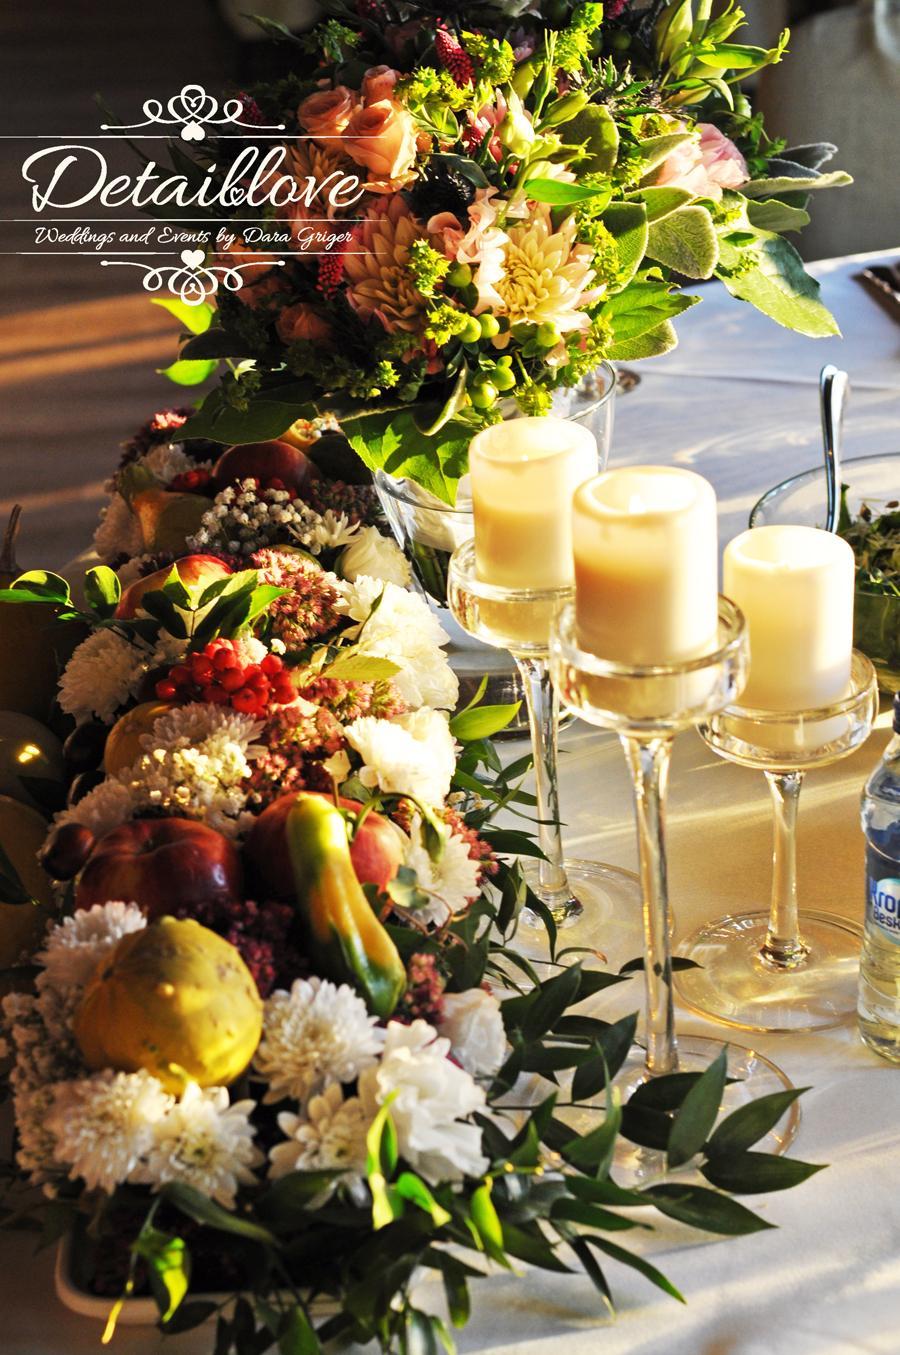 Martynka a Arek a ich rustikálna jesenná svadba - Kvetinové dekorácie …www.detaillove.com